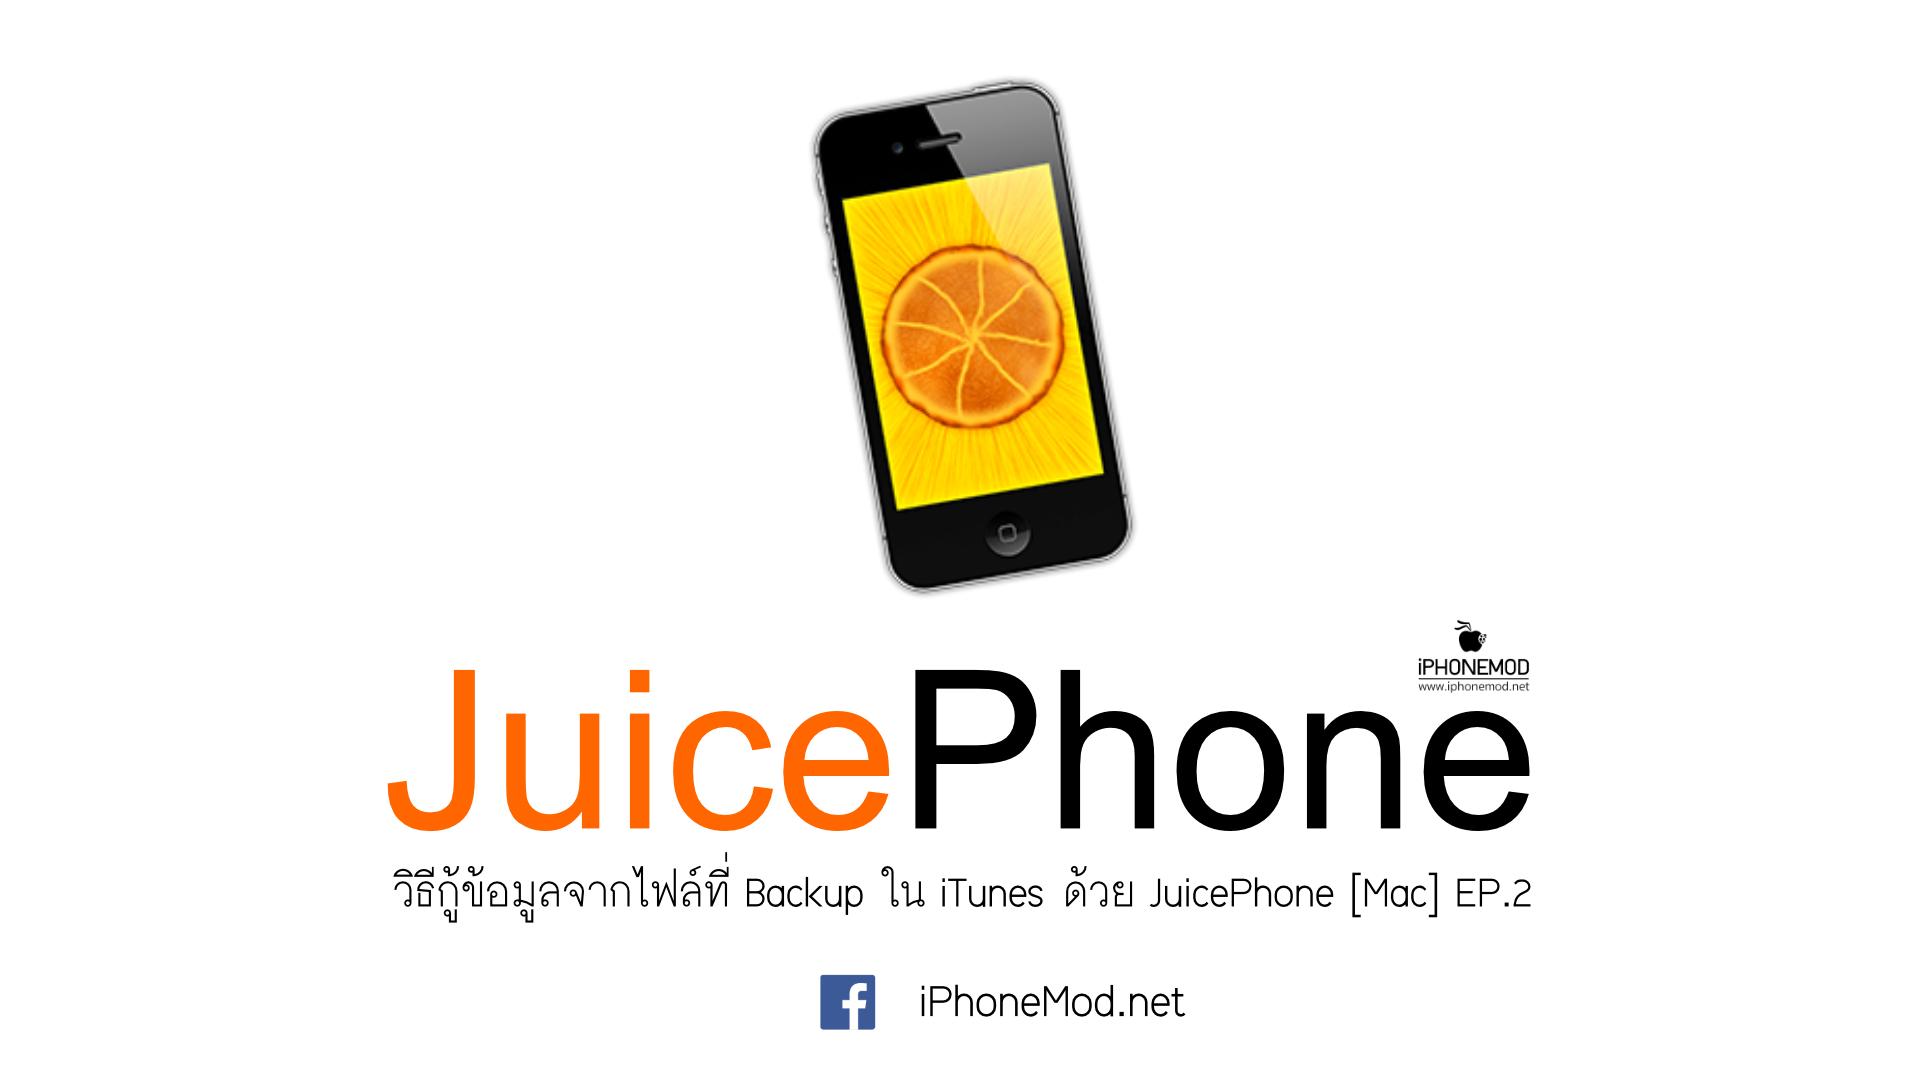 juicephone mac